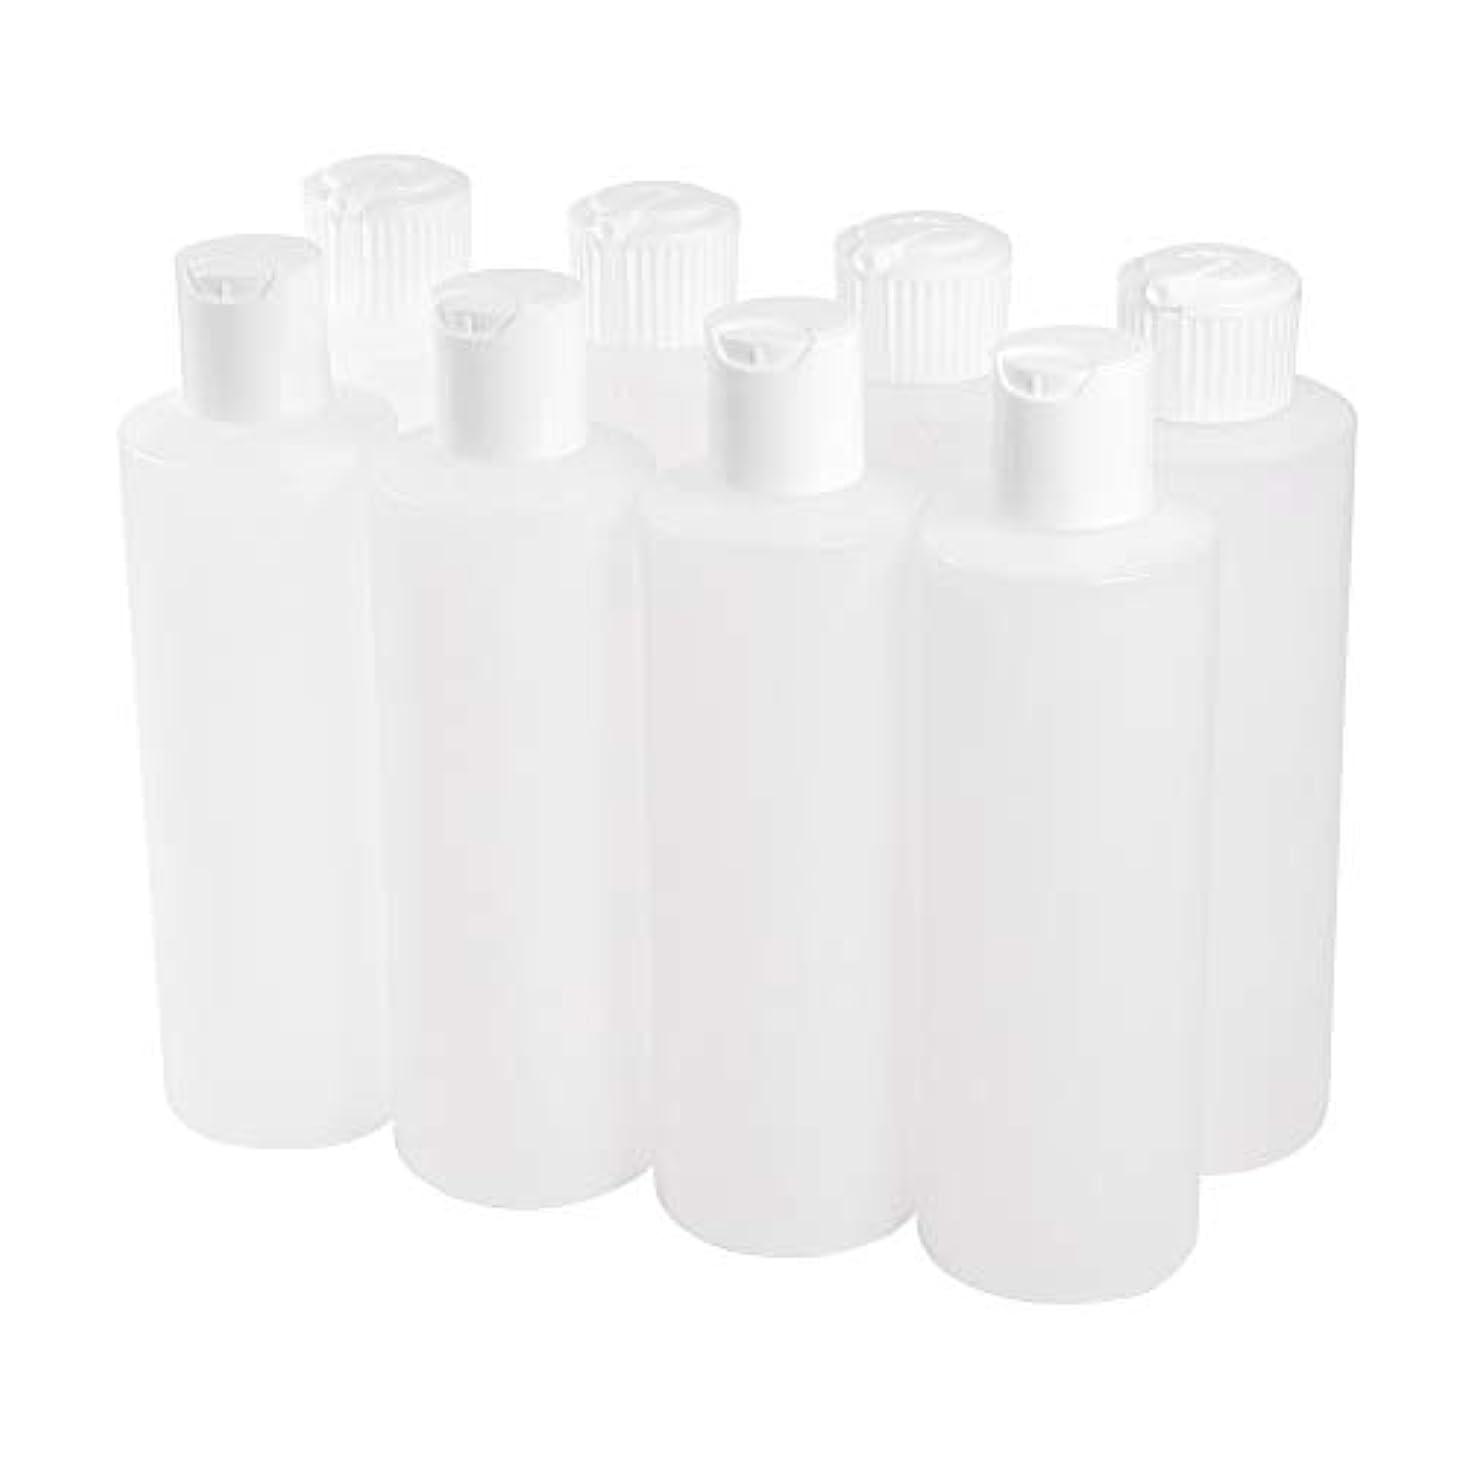 文言意識代数PH PandaHall 約8個/セット 250ml ドロッパーボトル グルーボトル 液体 小分けボトル スクイズボトル 液体コンテナディスペンサー プラスチック容器 詰め替え 収納 プラスチック製 クリア 手芸用品